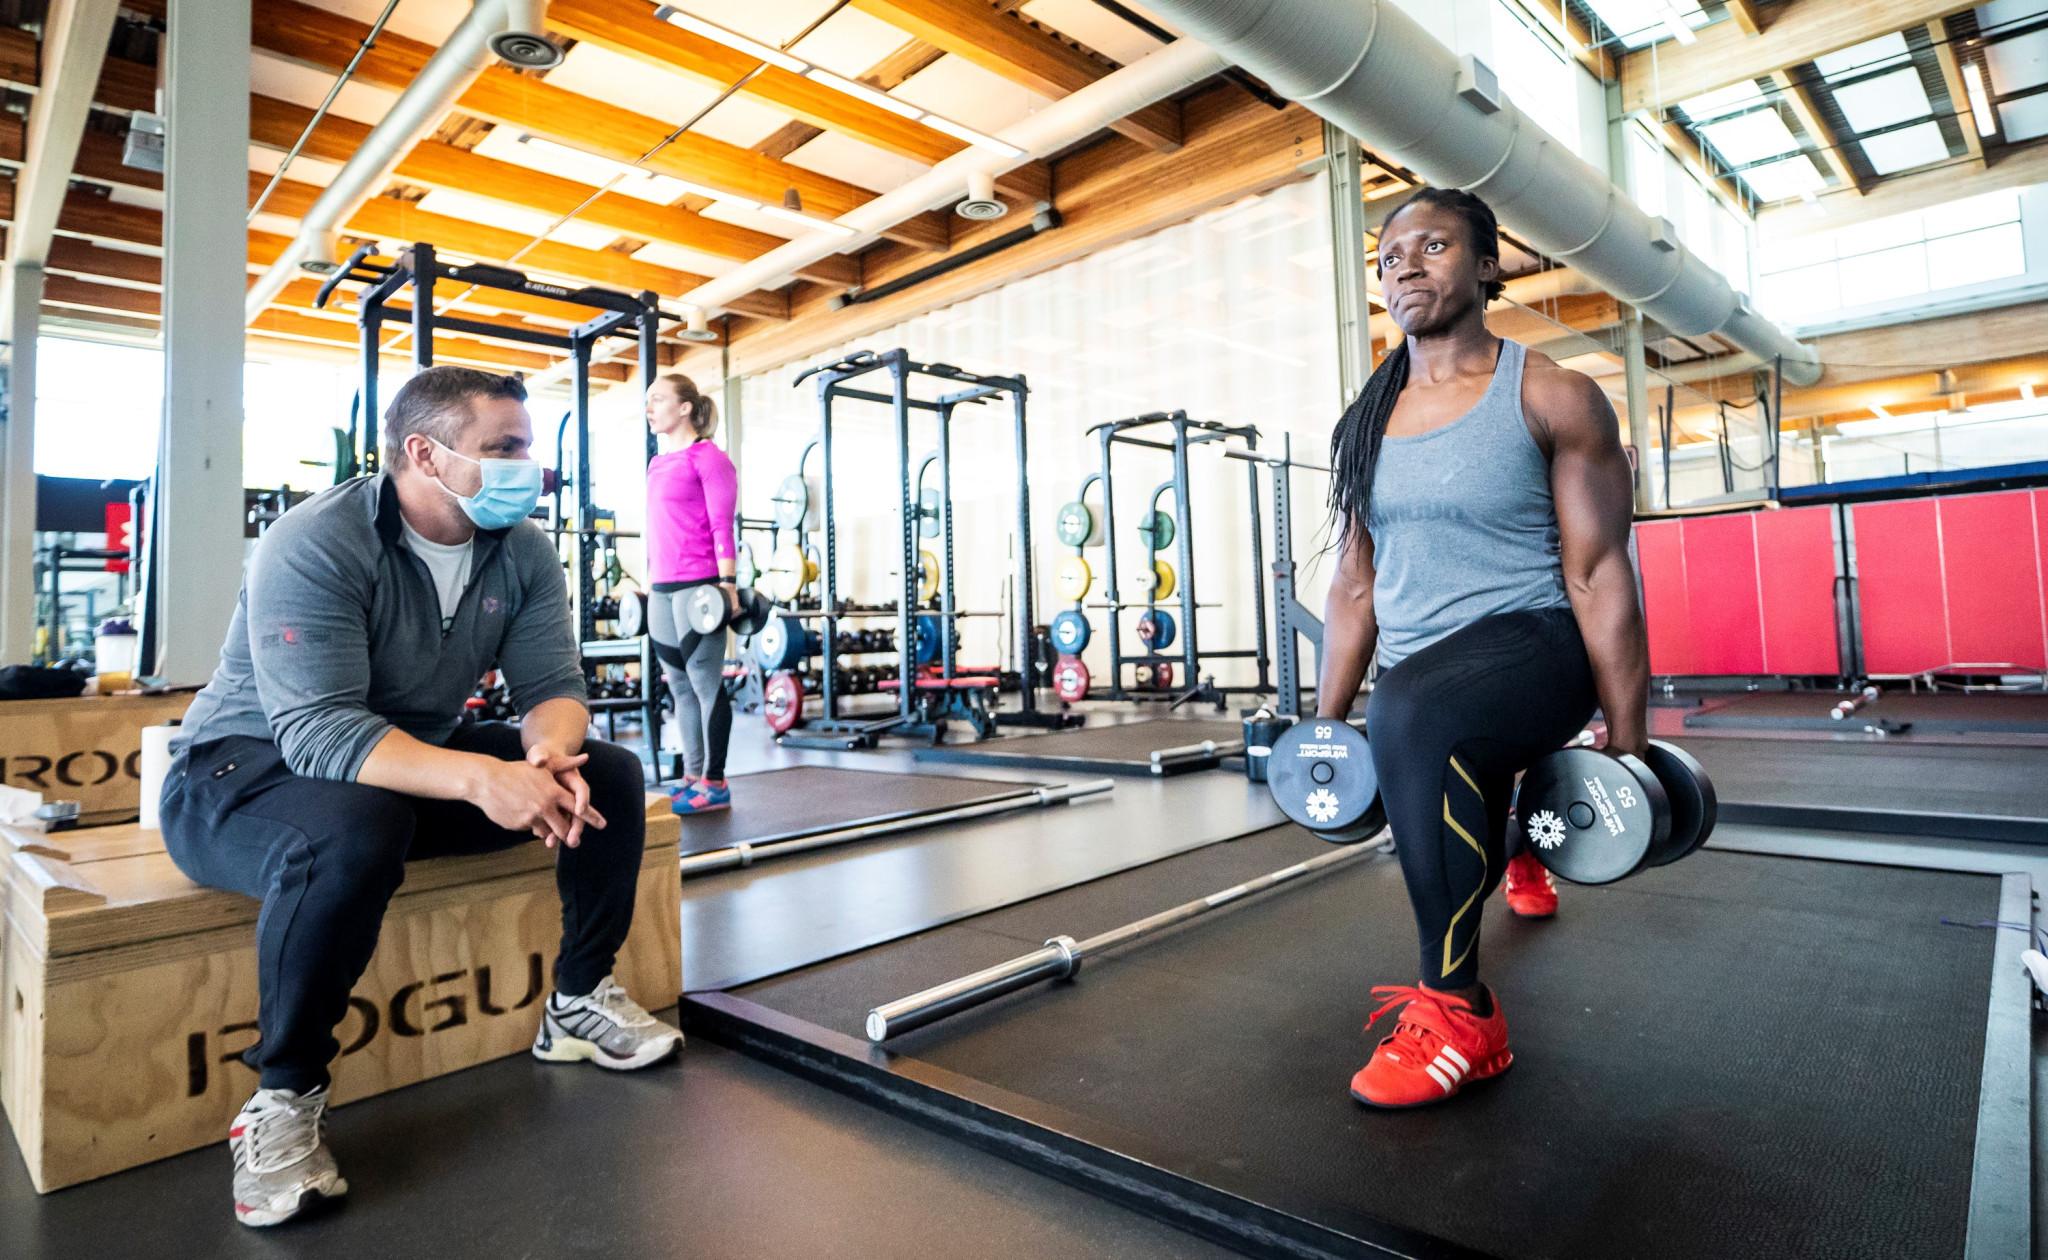 Cynthia Appiah s'entraîne avec des poids libres au gym.